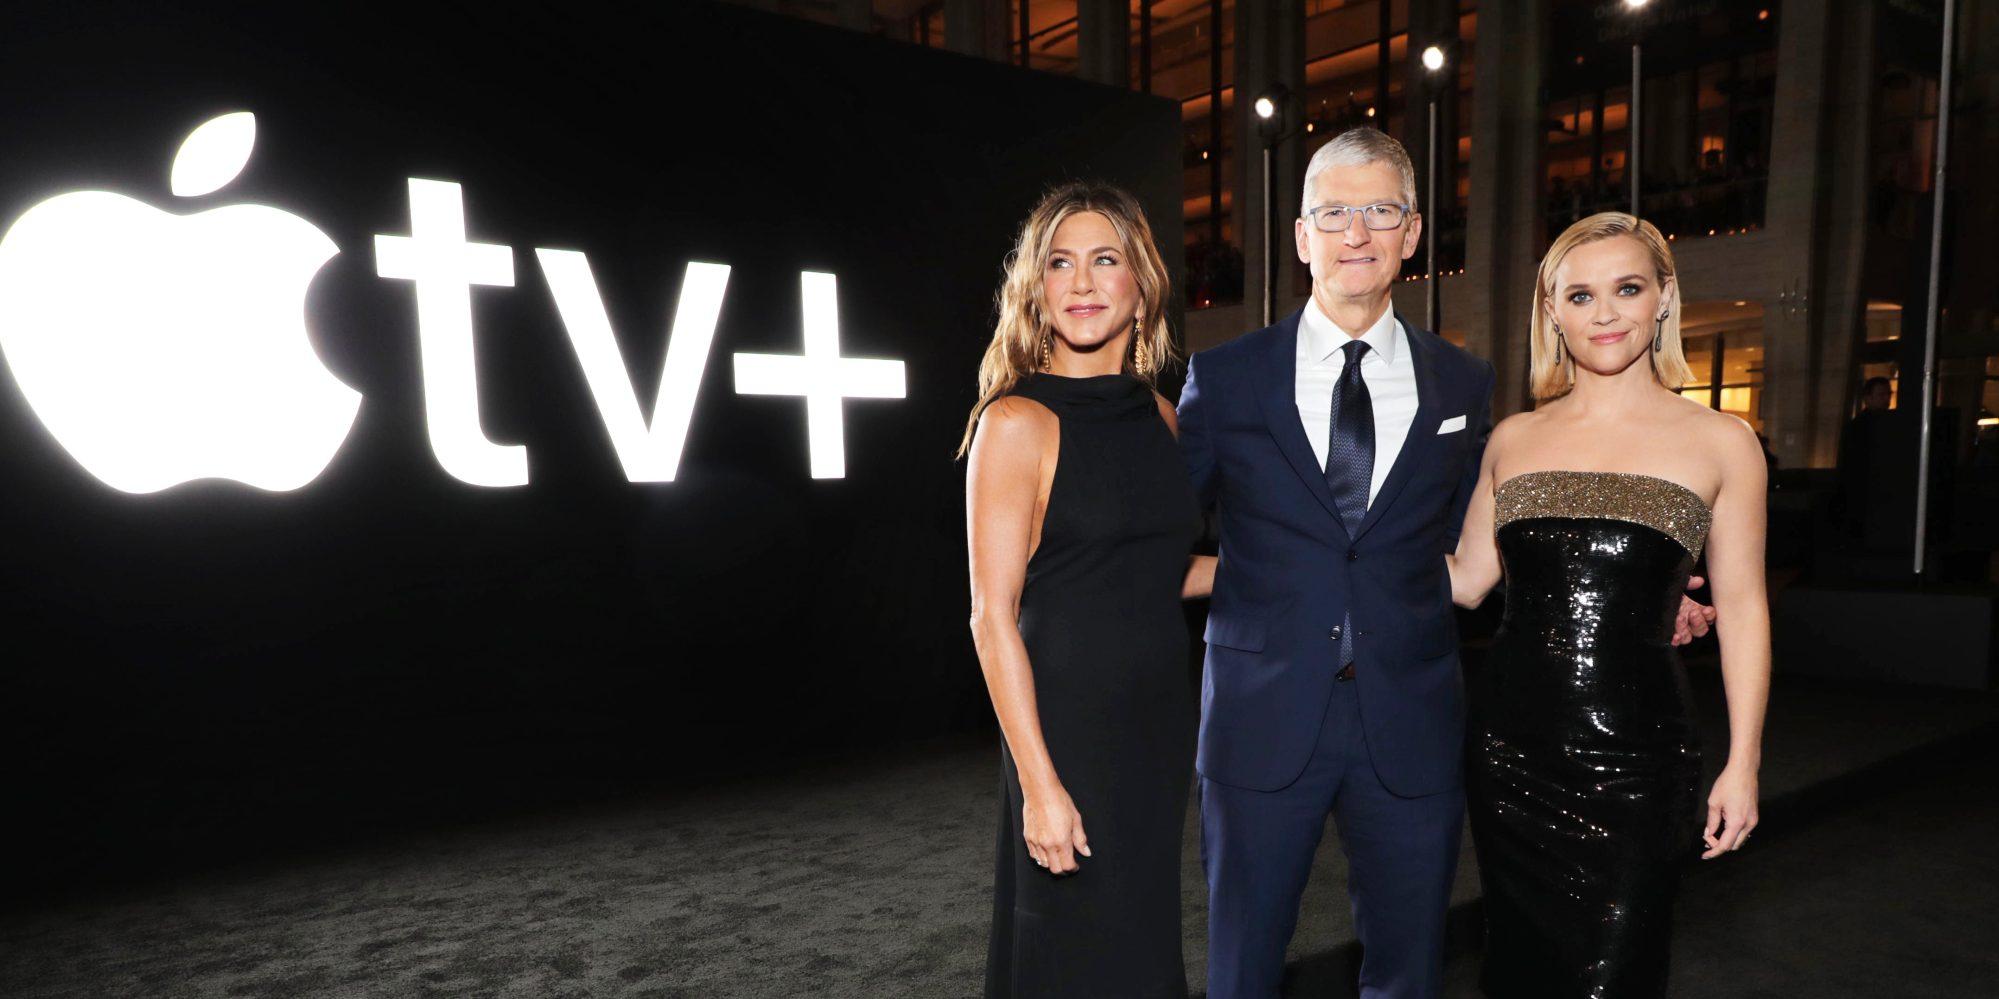 苹果考虑10亿美元收购女影星瑞茜·威瑟斯彭的媒体公司